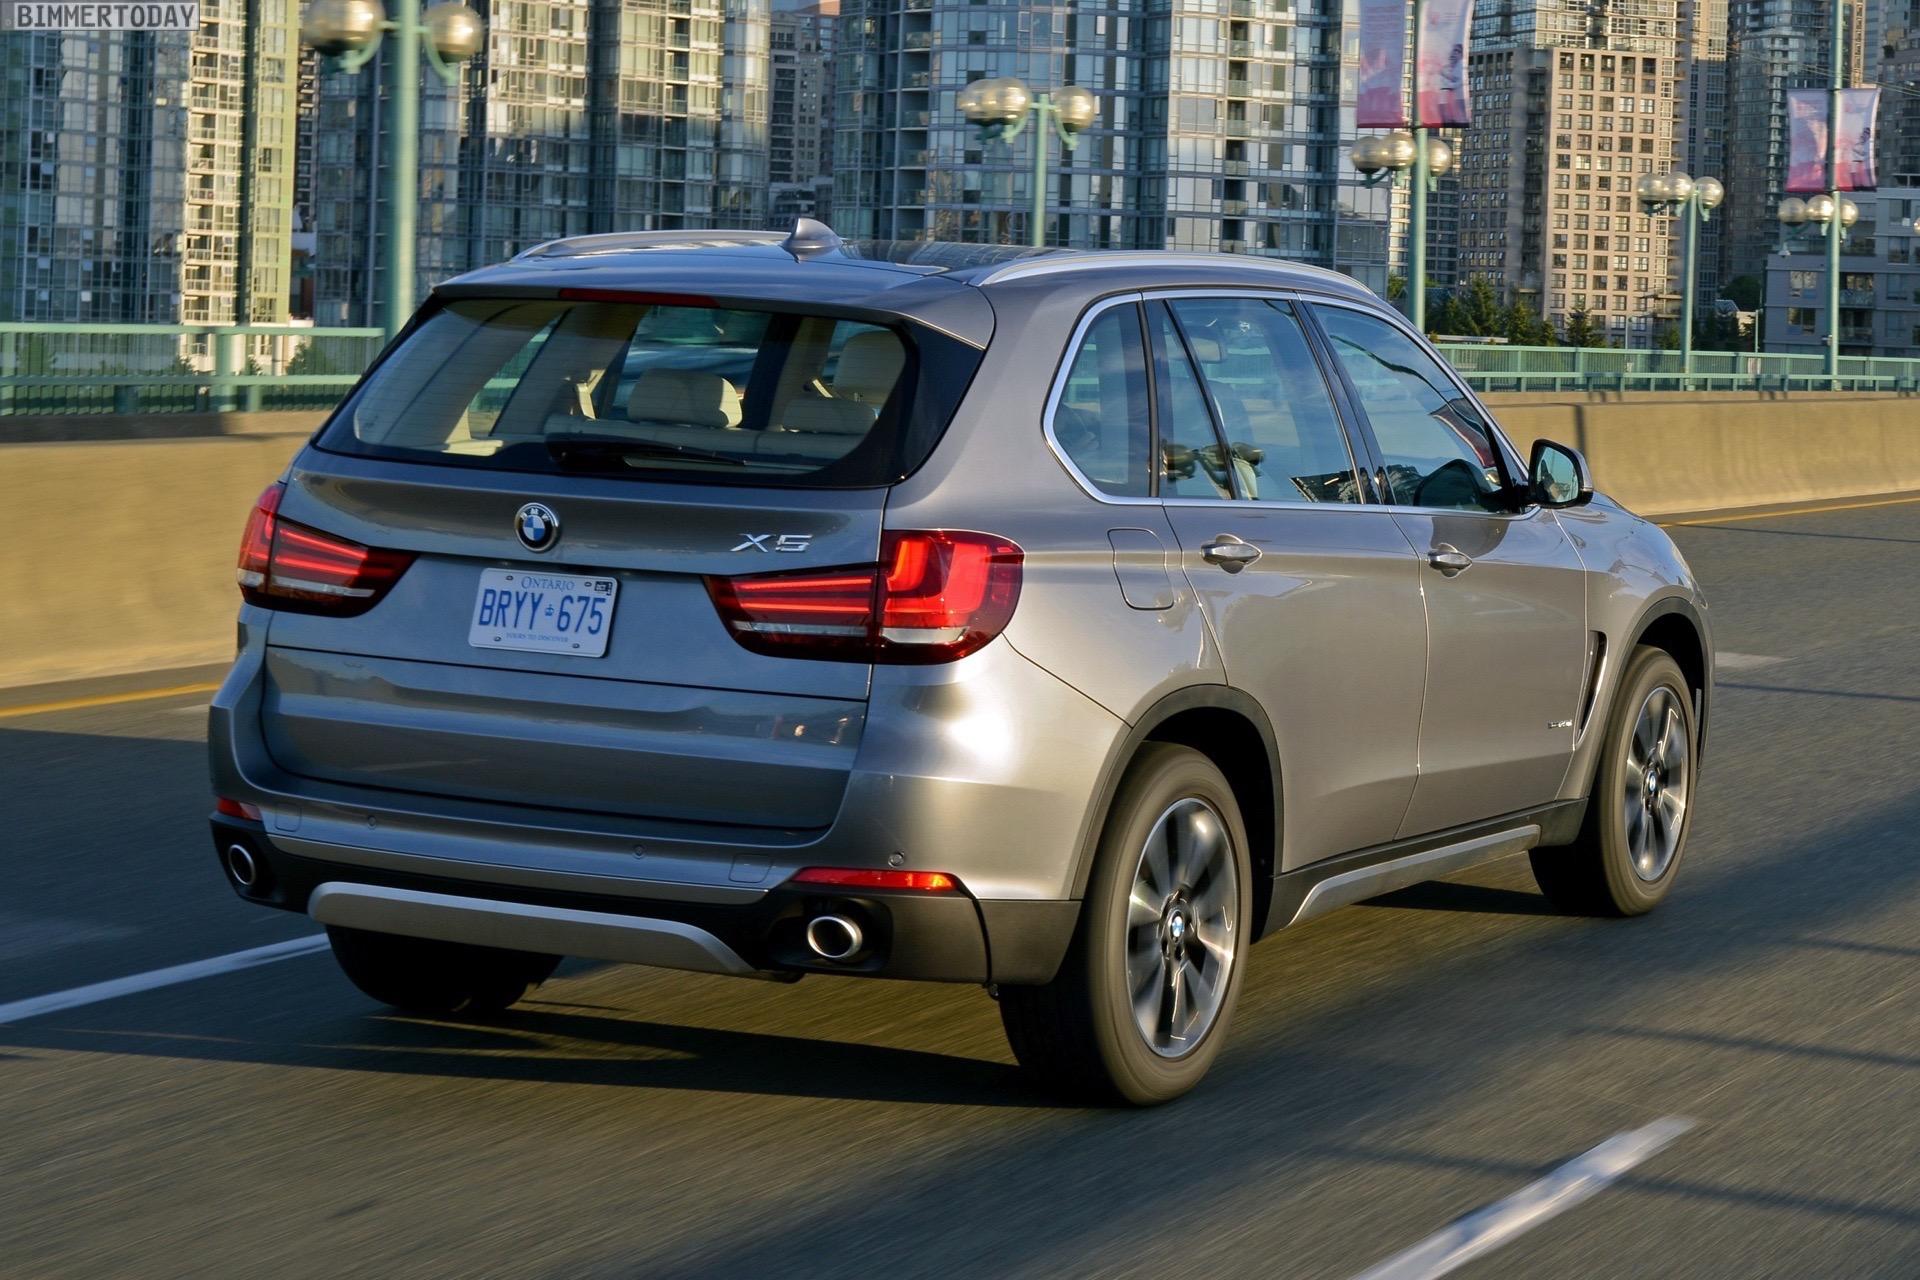 EPA bestätigt saubere Abgase des BMW X5 Diesel